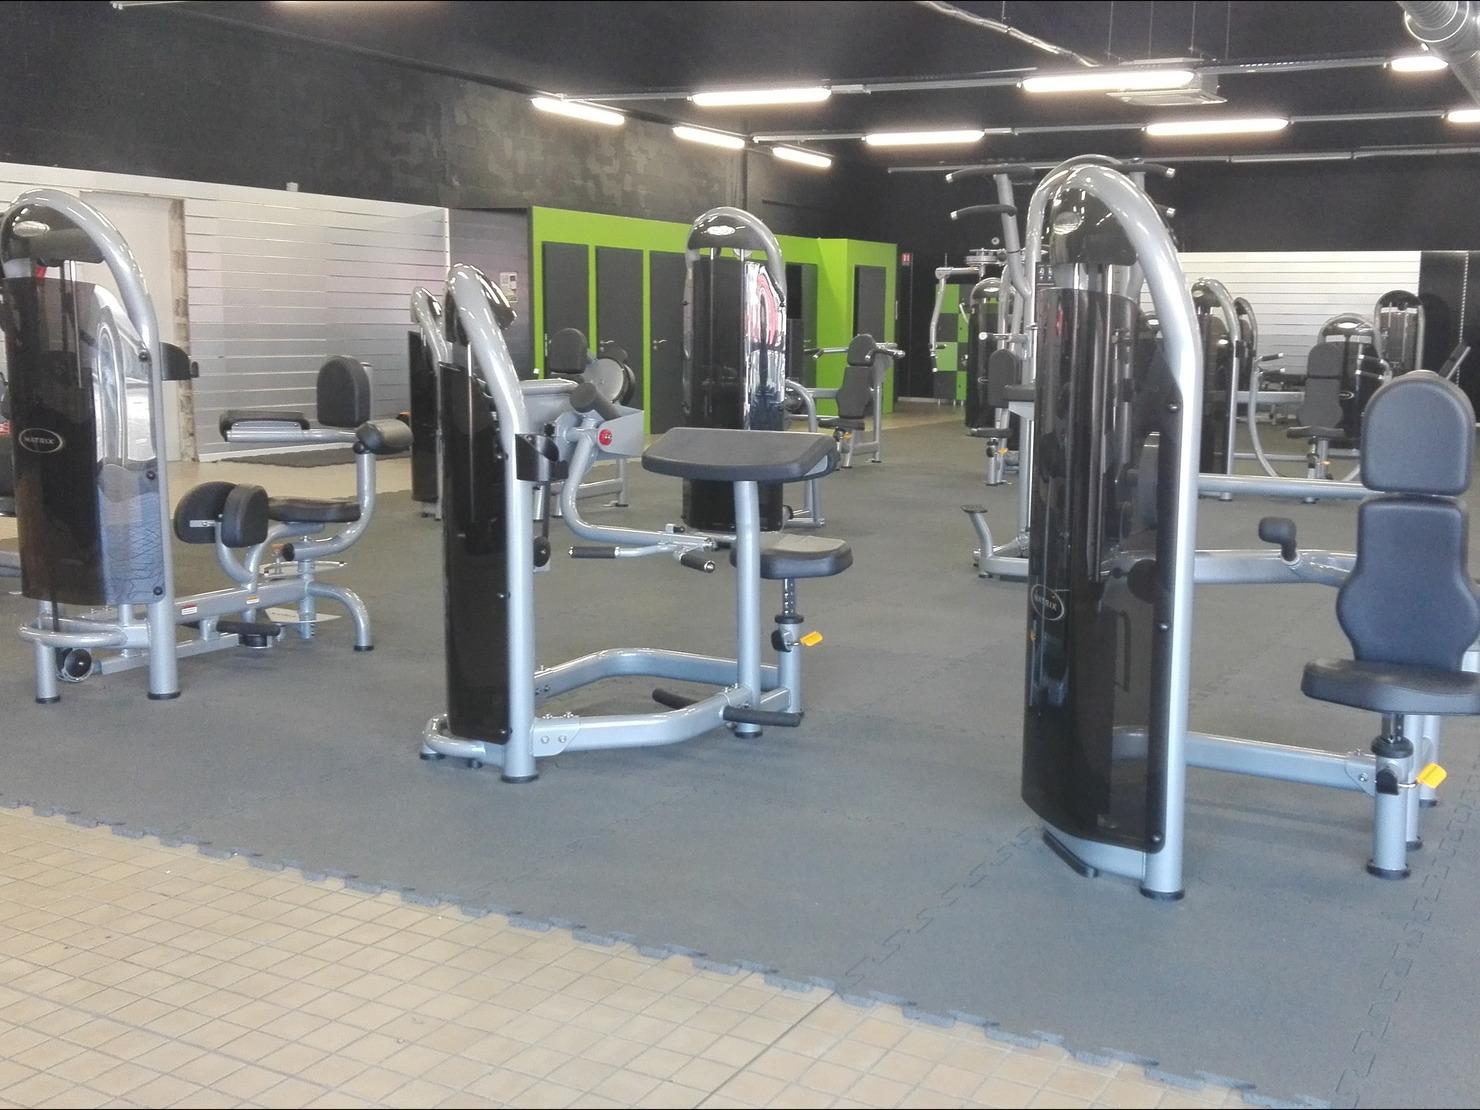 liberty gym dijon chen ve tarifs avis horaires essai gratuit. Black Bedroom Furniture Sets. Home Design Ideas